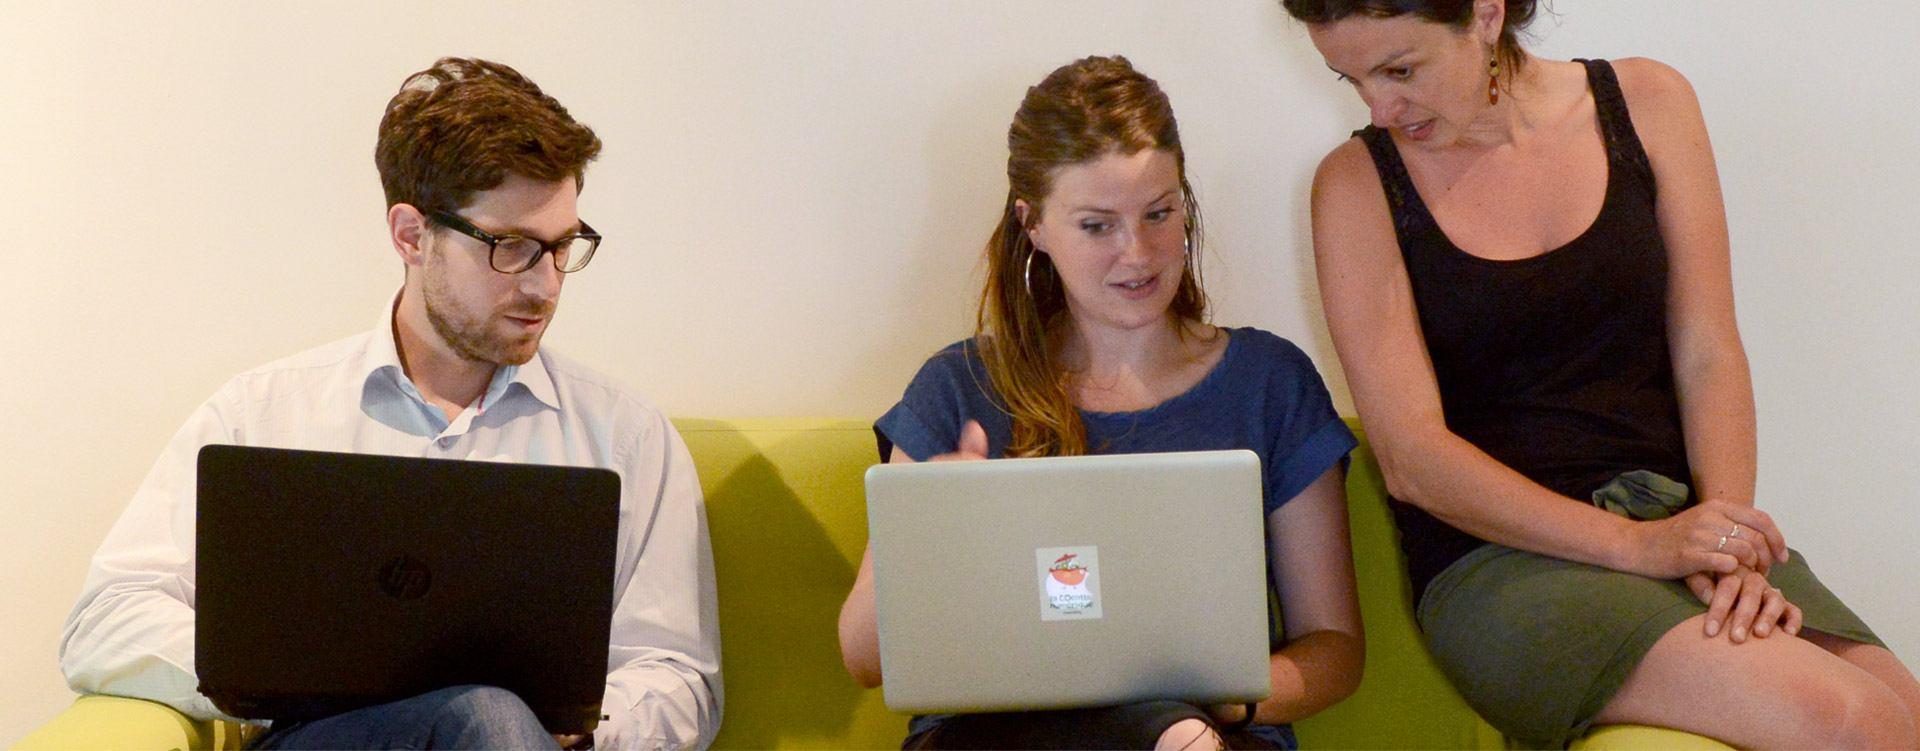 Coworkers au travail à la COcotte numérique